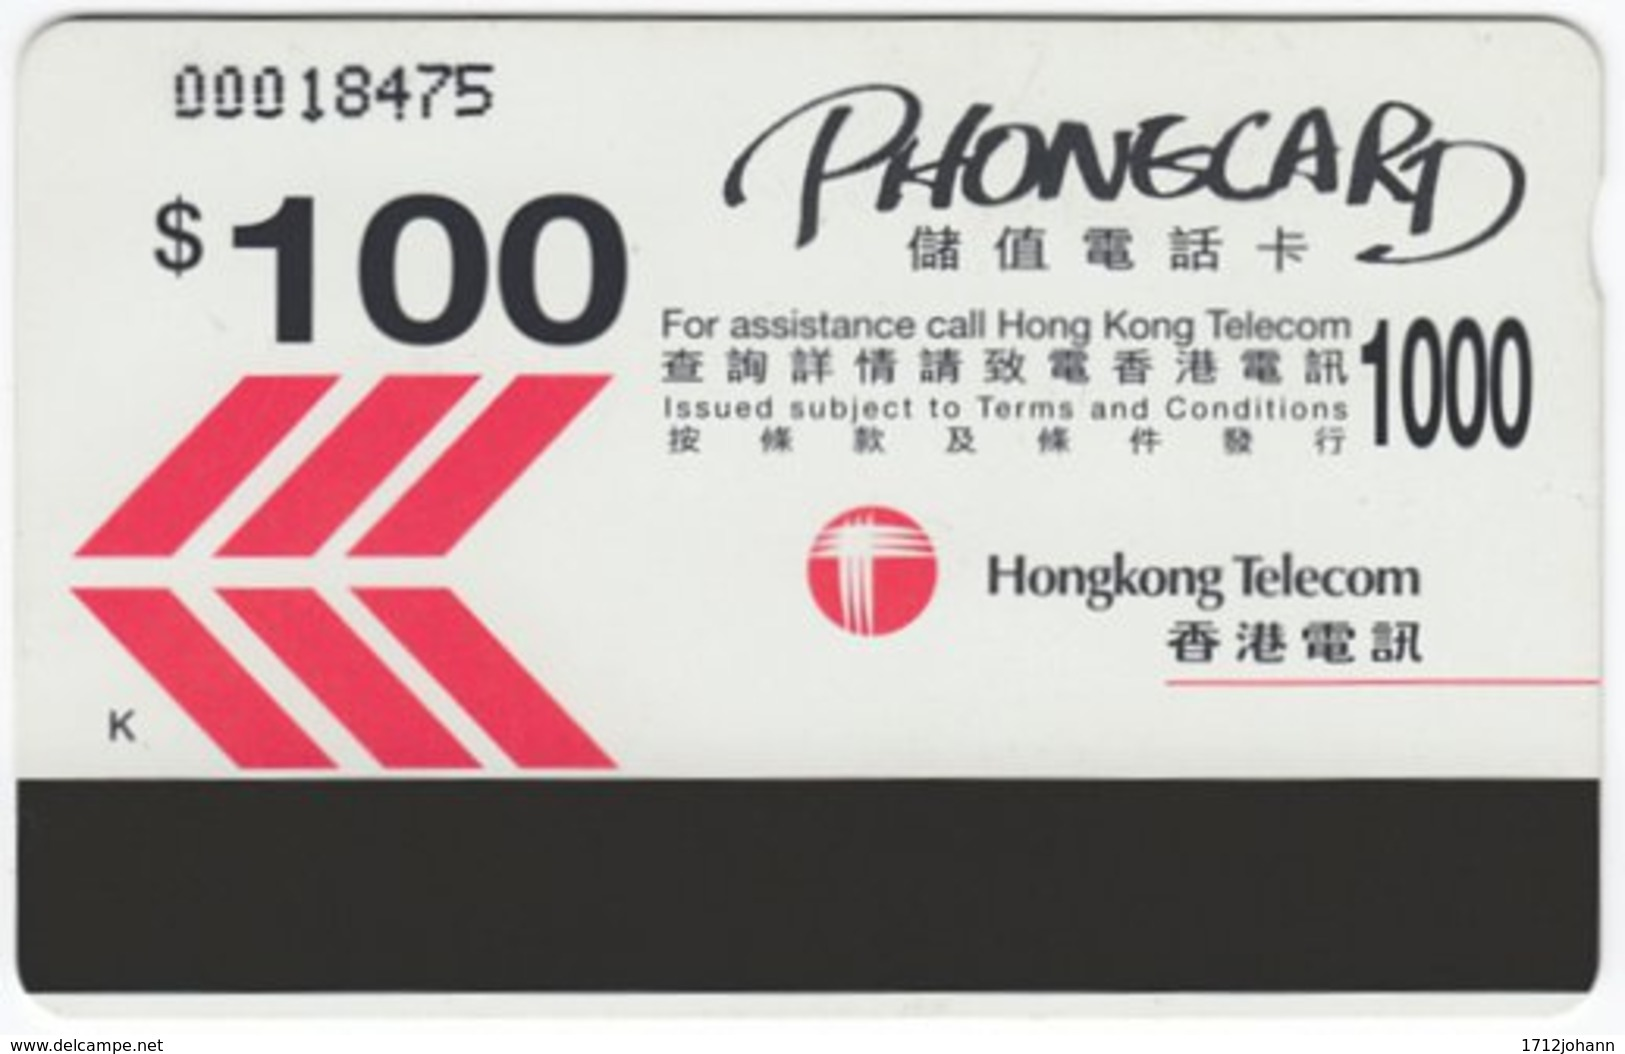 HONGKONG A-300 Magnetic Telecom - Historic Photography - Used - Hong Kong